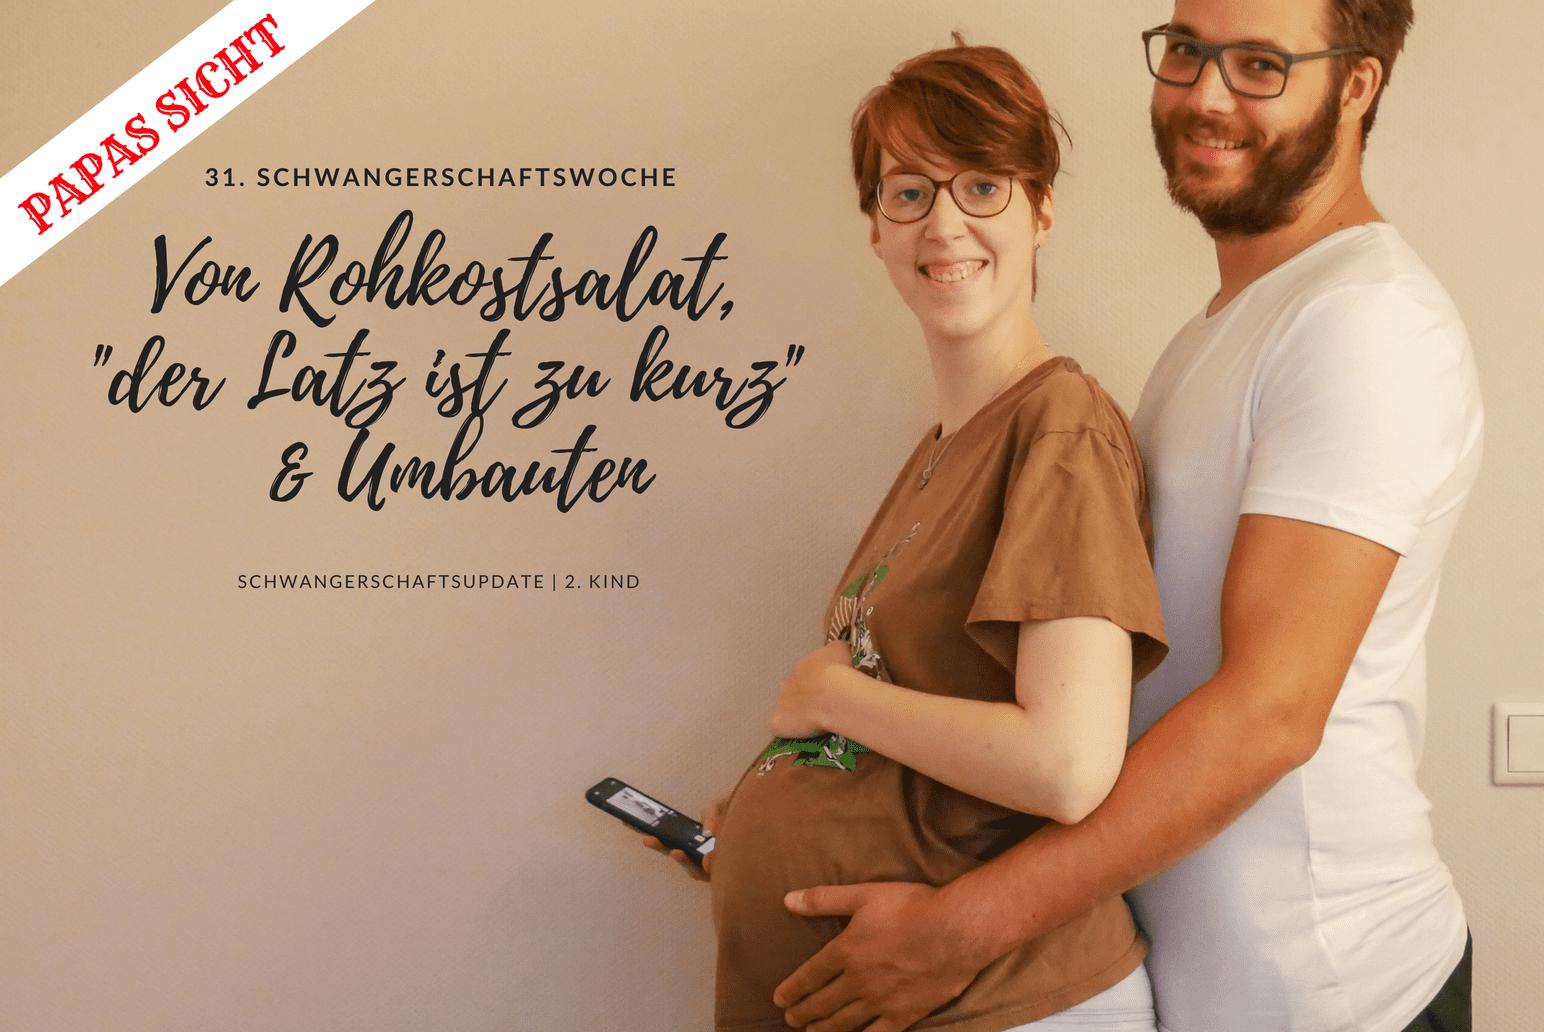 31. Schwangerschaftswoche Schwangerschaftsupdate | familiert.de